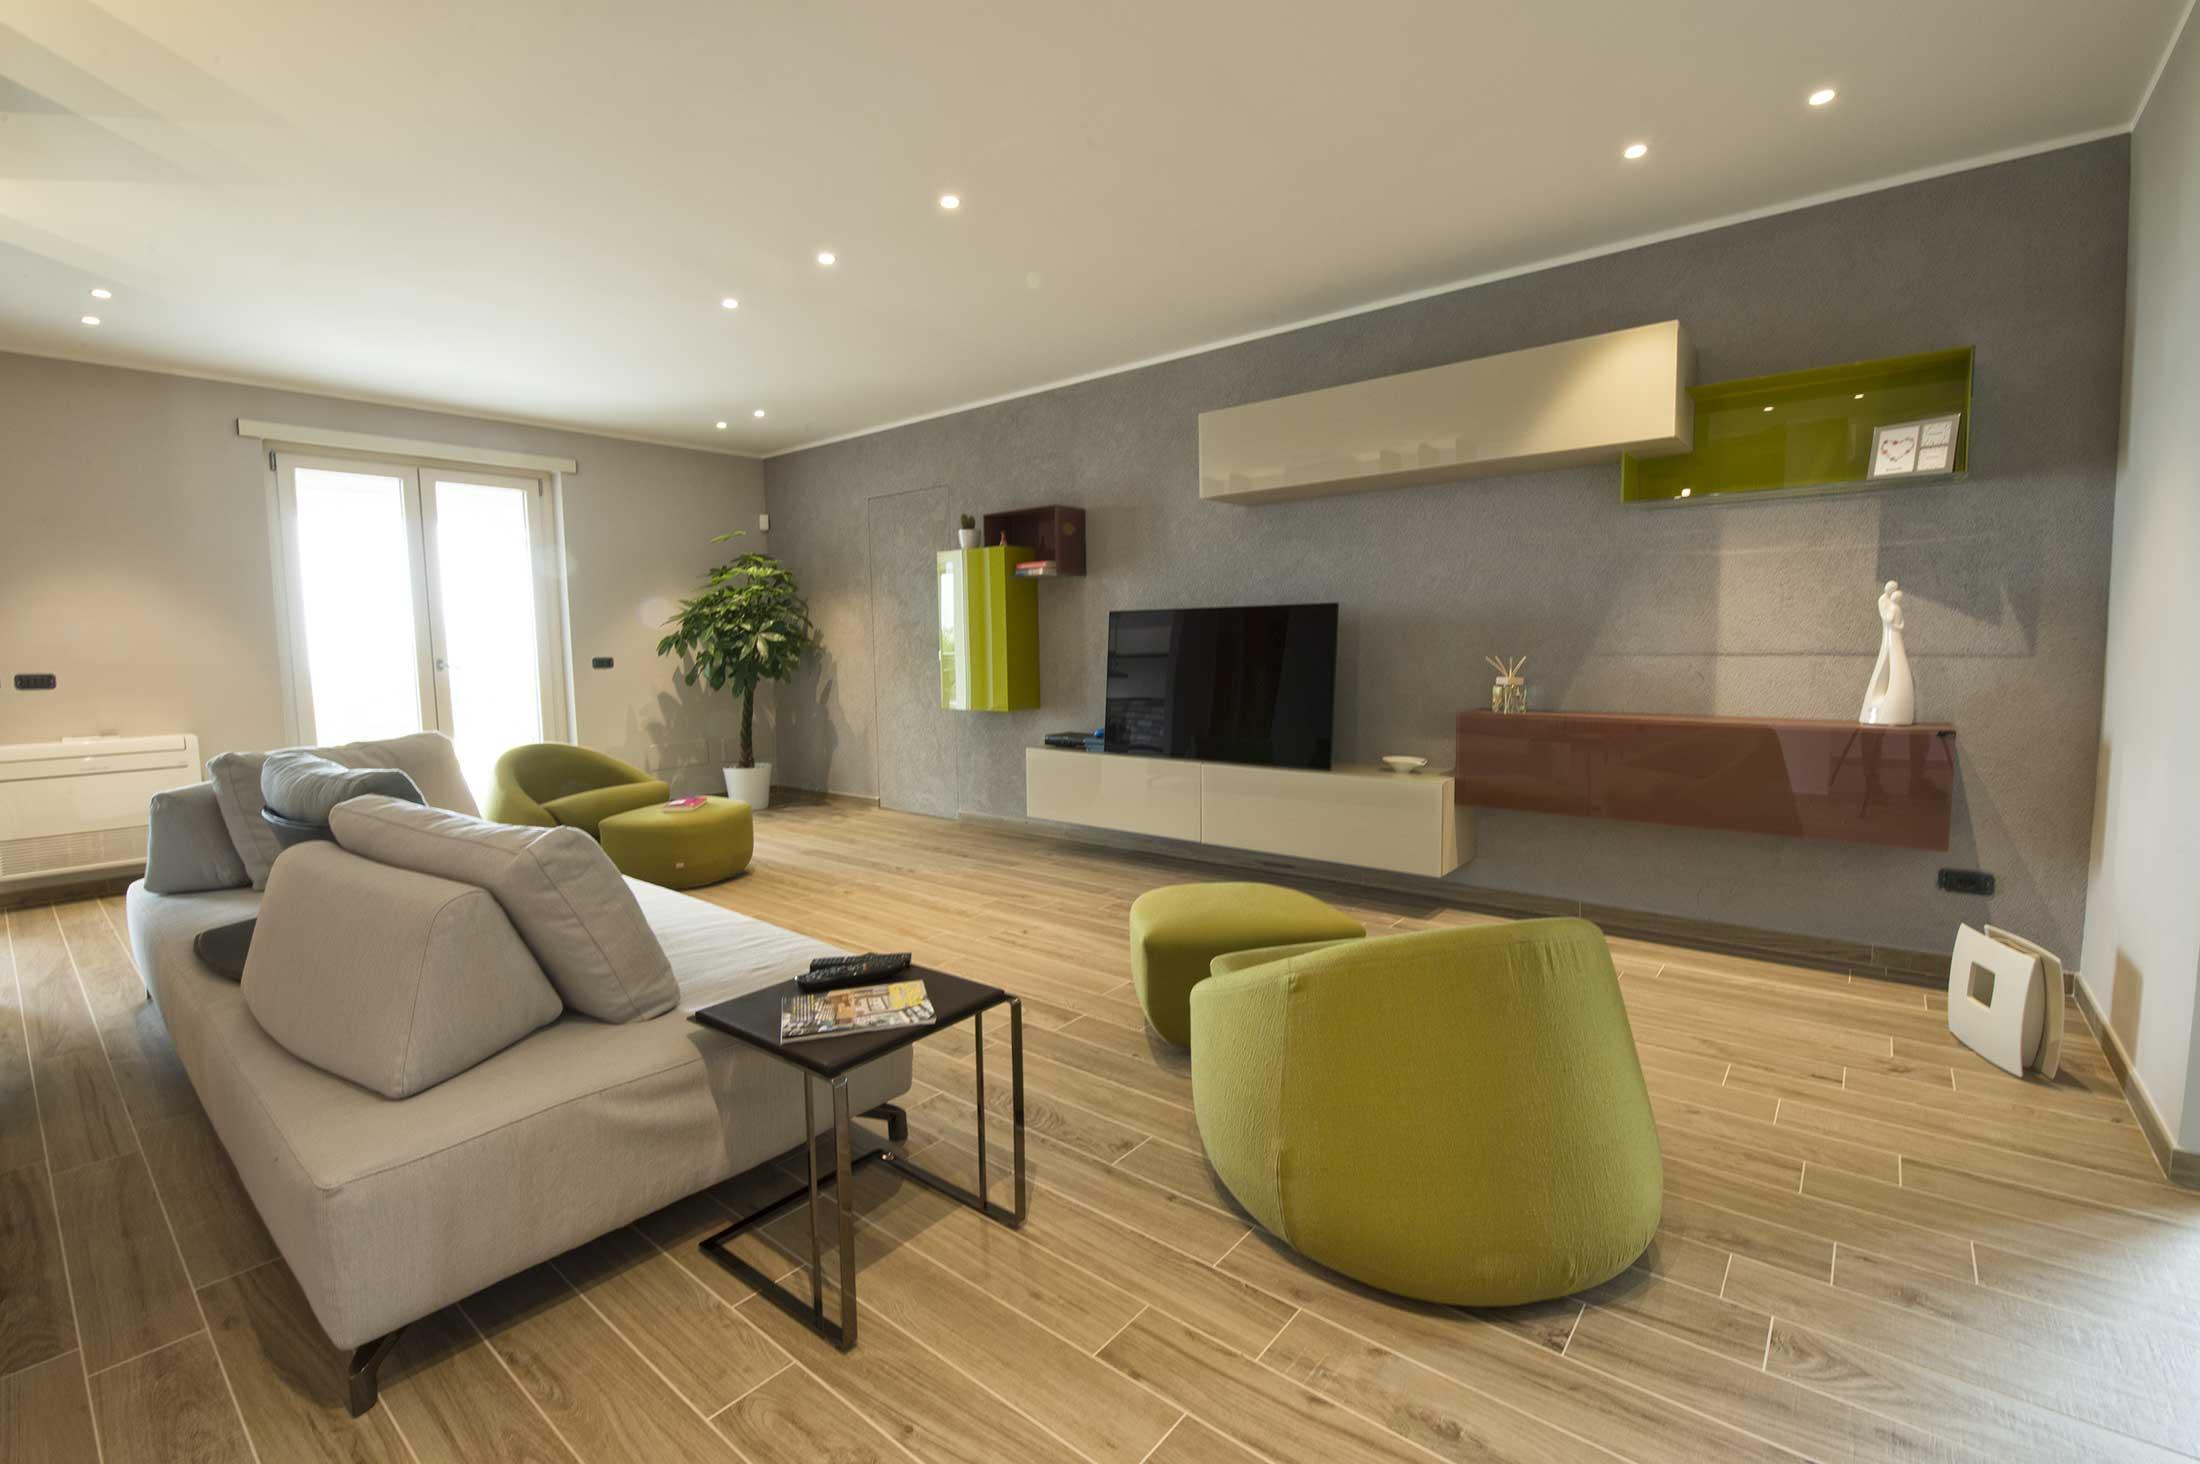 Abitazione-privata-Pensiero-Addessi-Design (4)